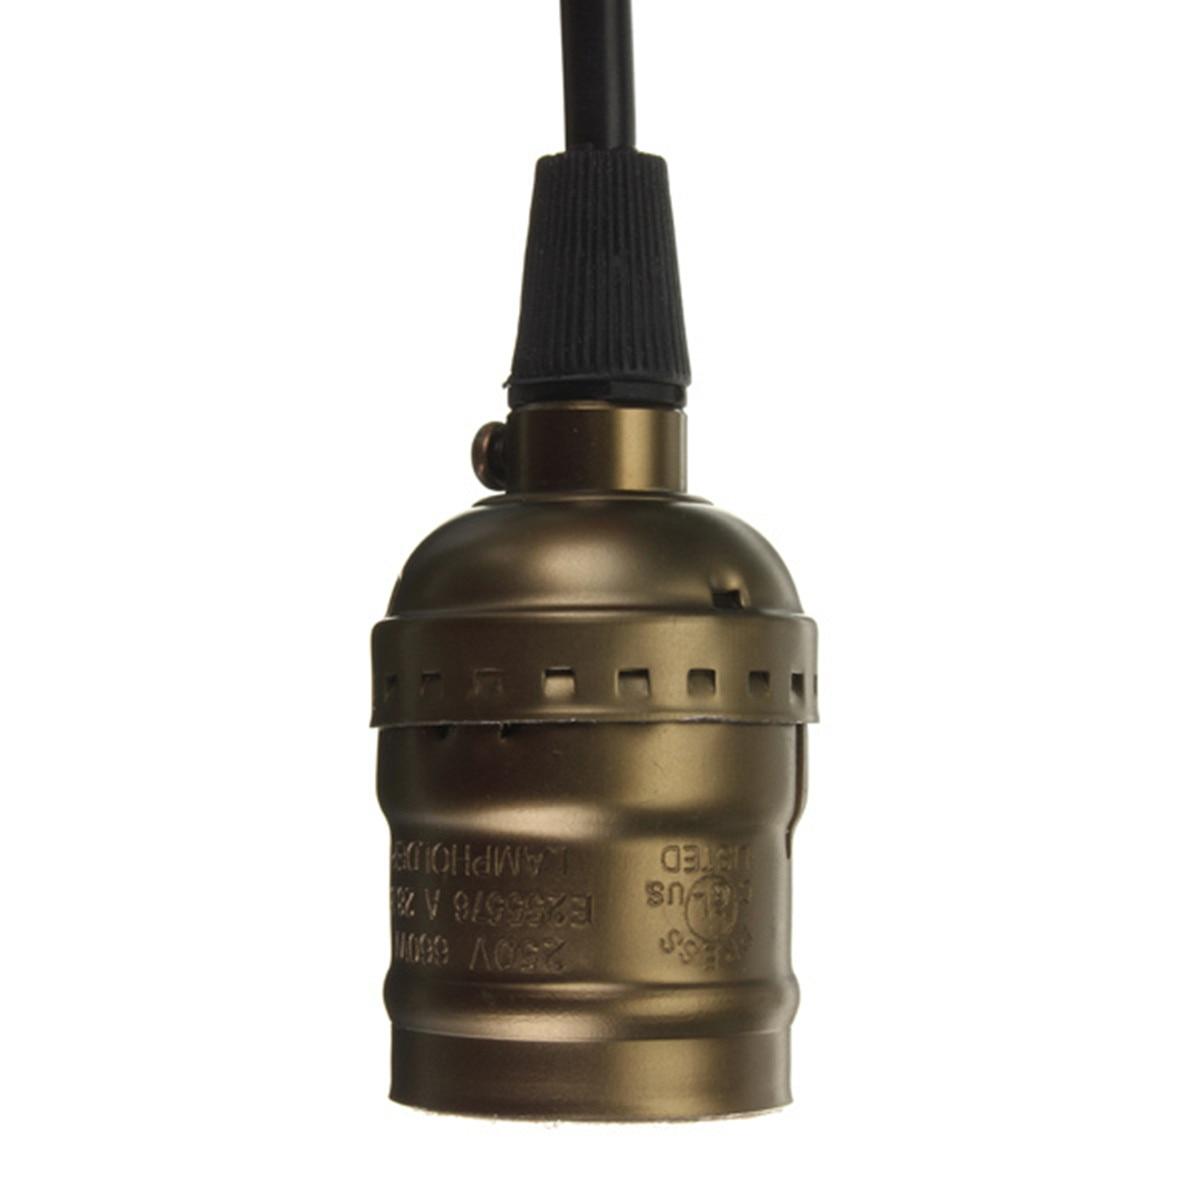 E27 4 colgante calidad de interruptor luz tornillo colores con Edison Vintage Retro lámpara bombilla de soporte Base alta interruptorNo de enchufe jLUSGqzMpV